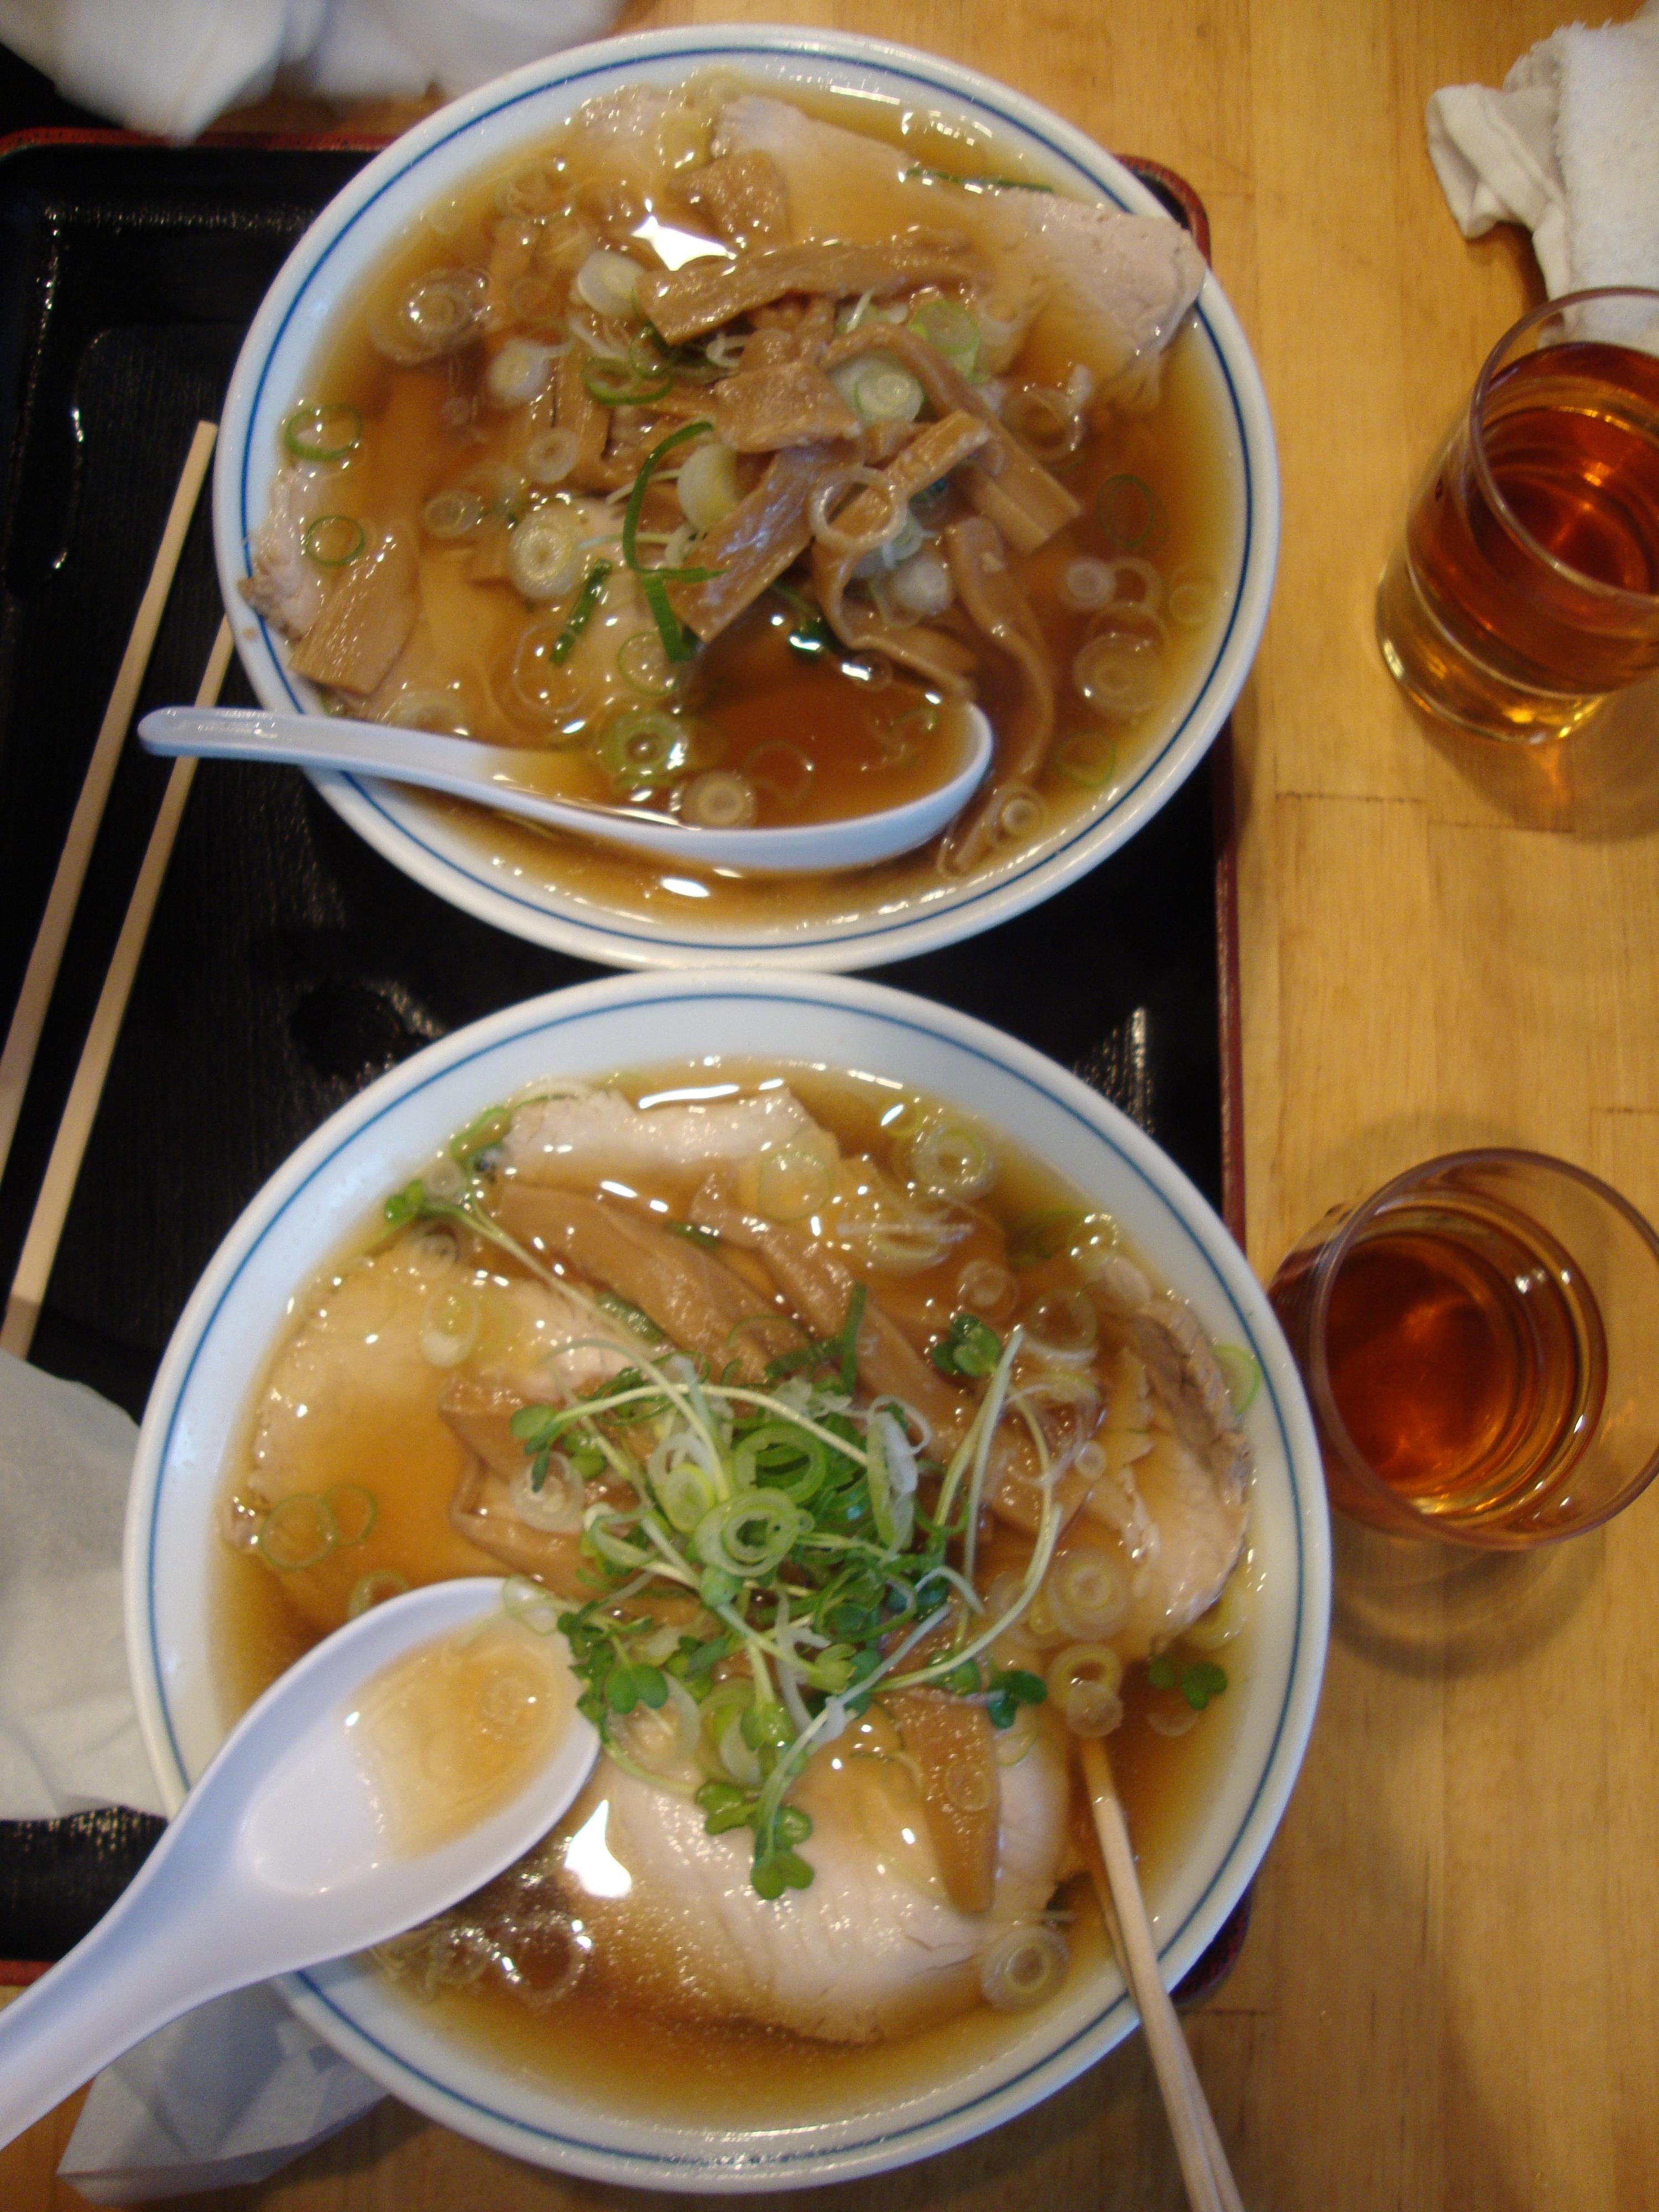 Un viaggio nella cucina giapponesetrip it easy trip it easy for Cucine giapponesi